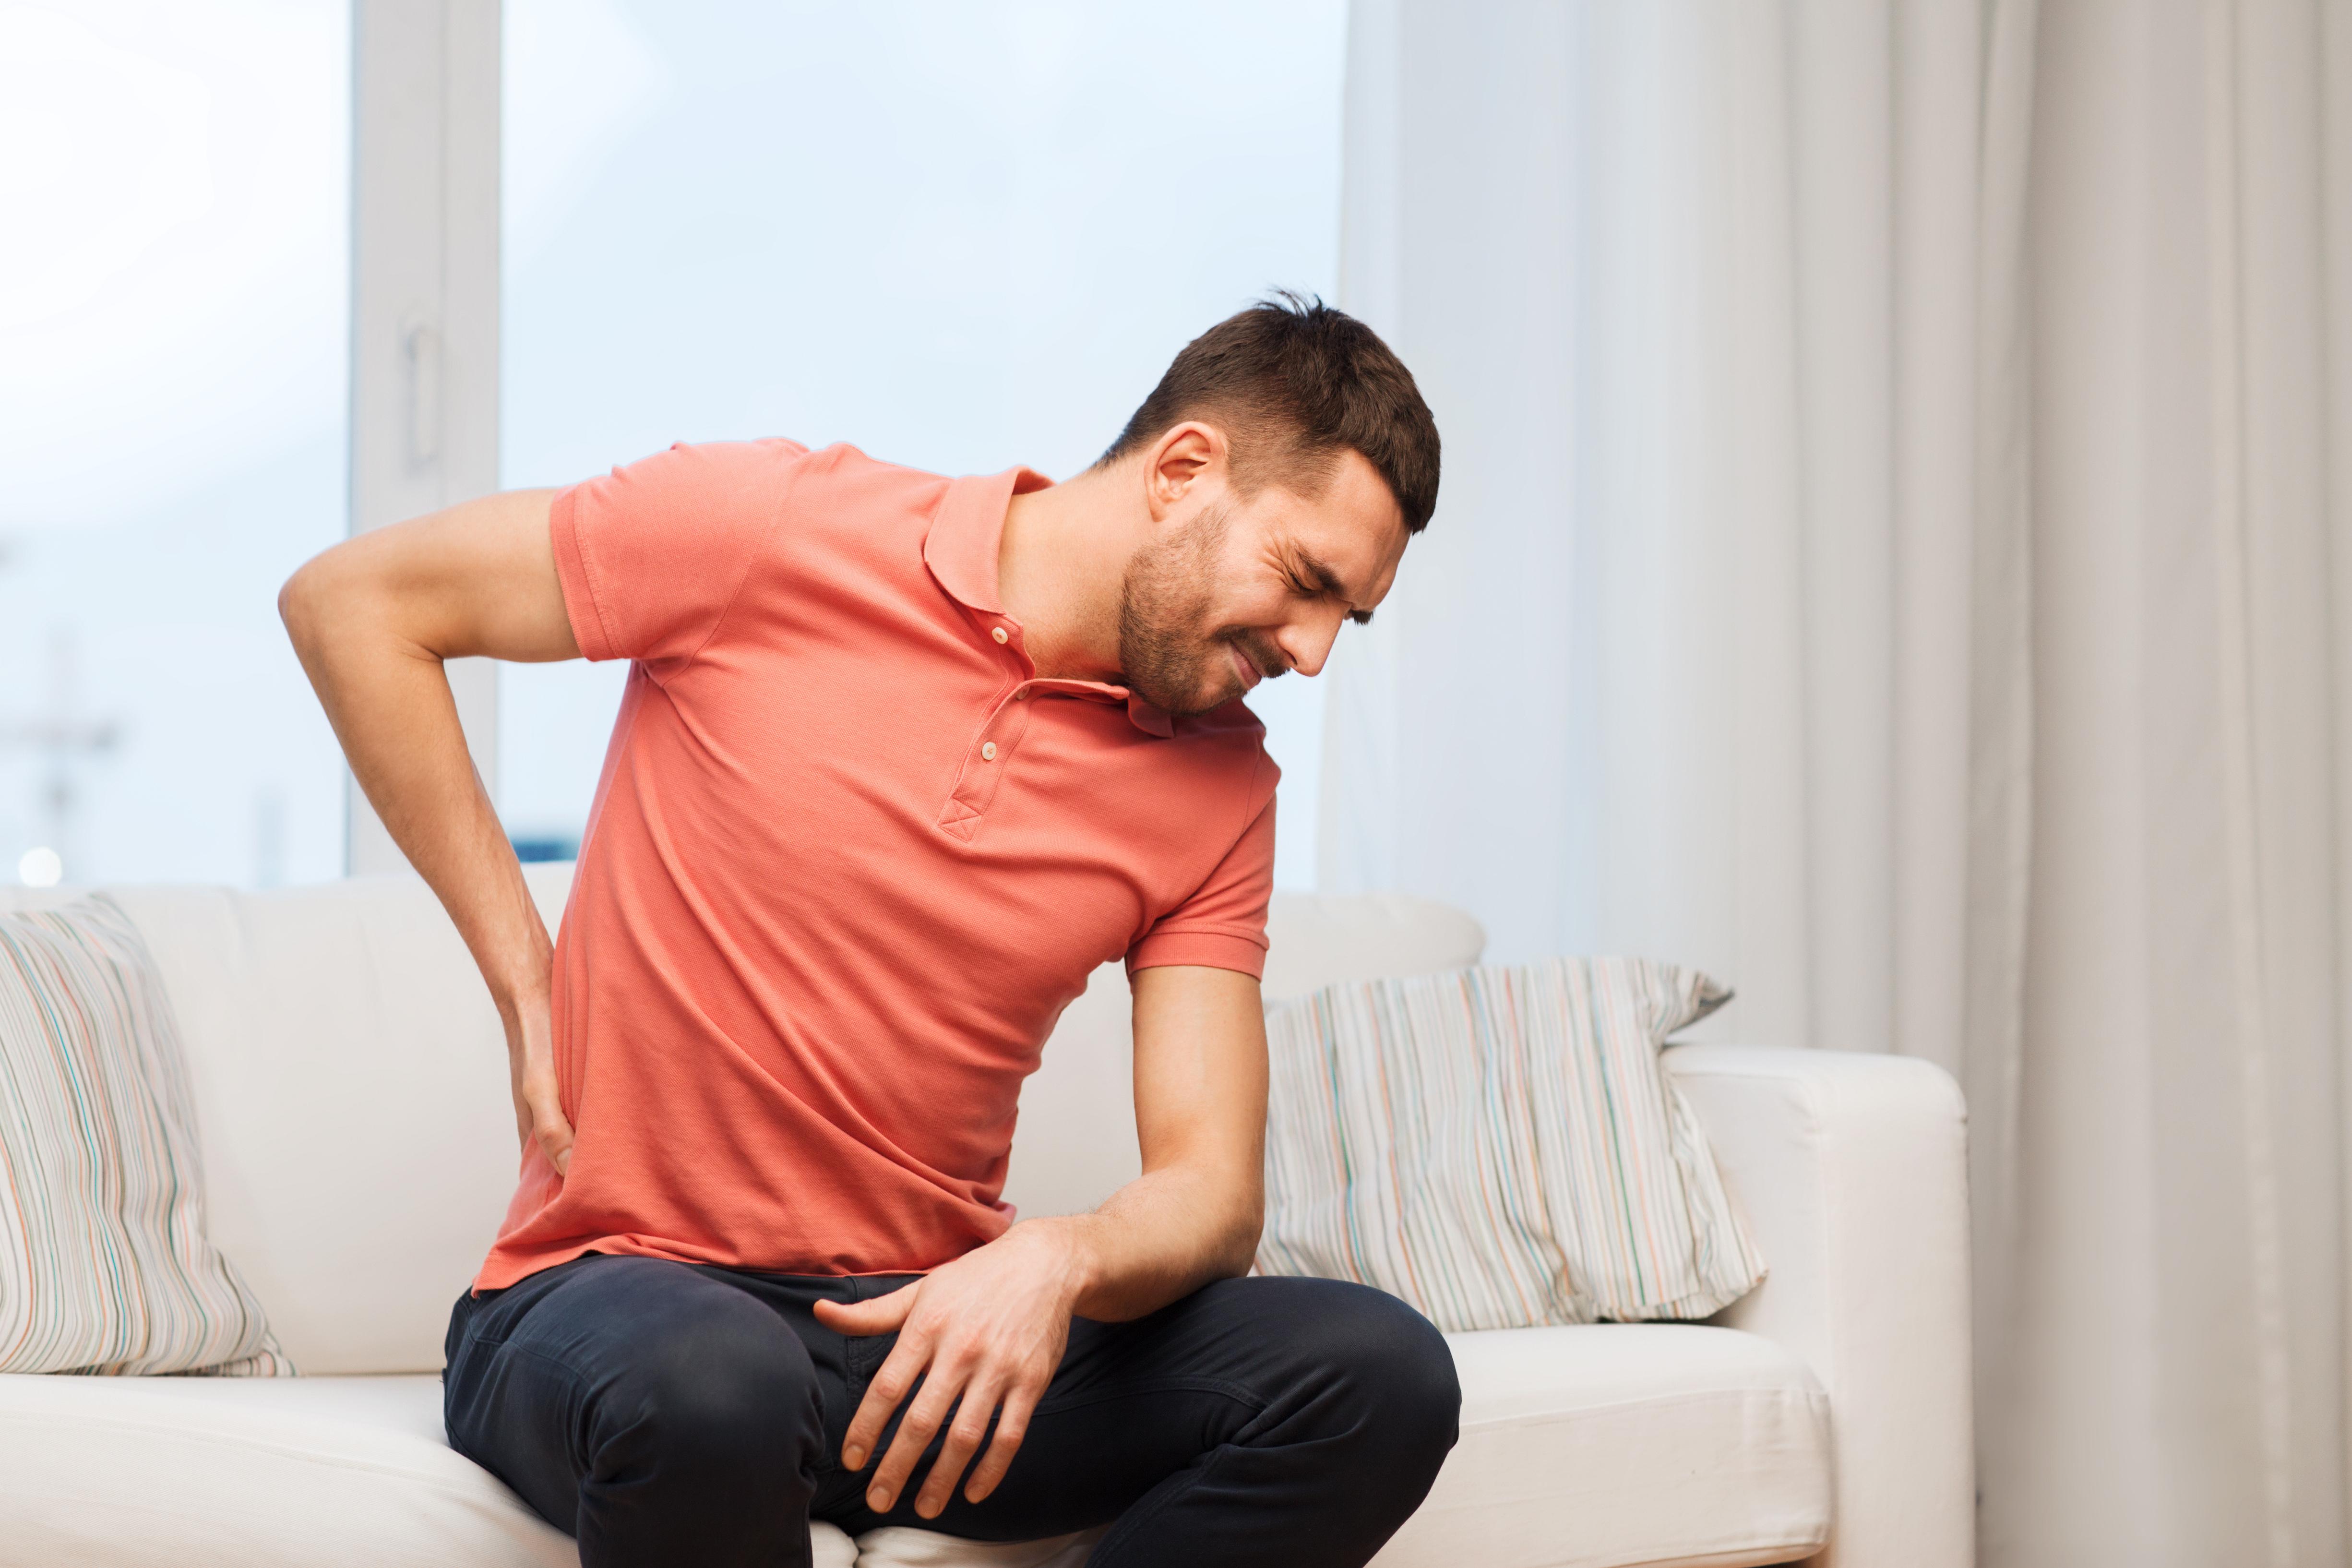 Att ha ont i ryggen, ofta i ryggslutet, kan vara symptom på inflammatorisk ryggsjukdom. De allra flesta får sina första symptom i 20-30 årsåldern.